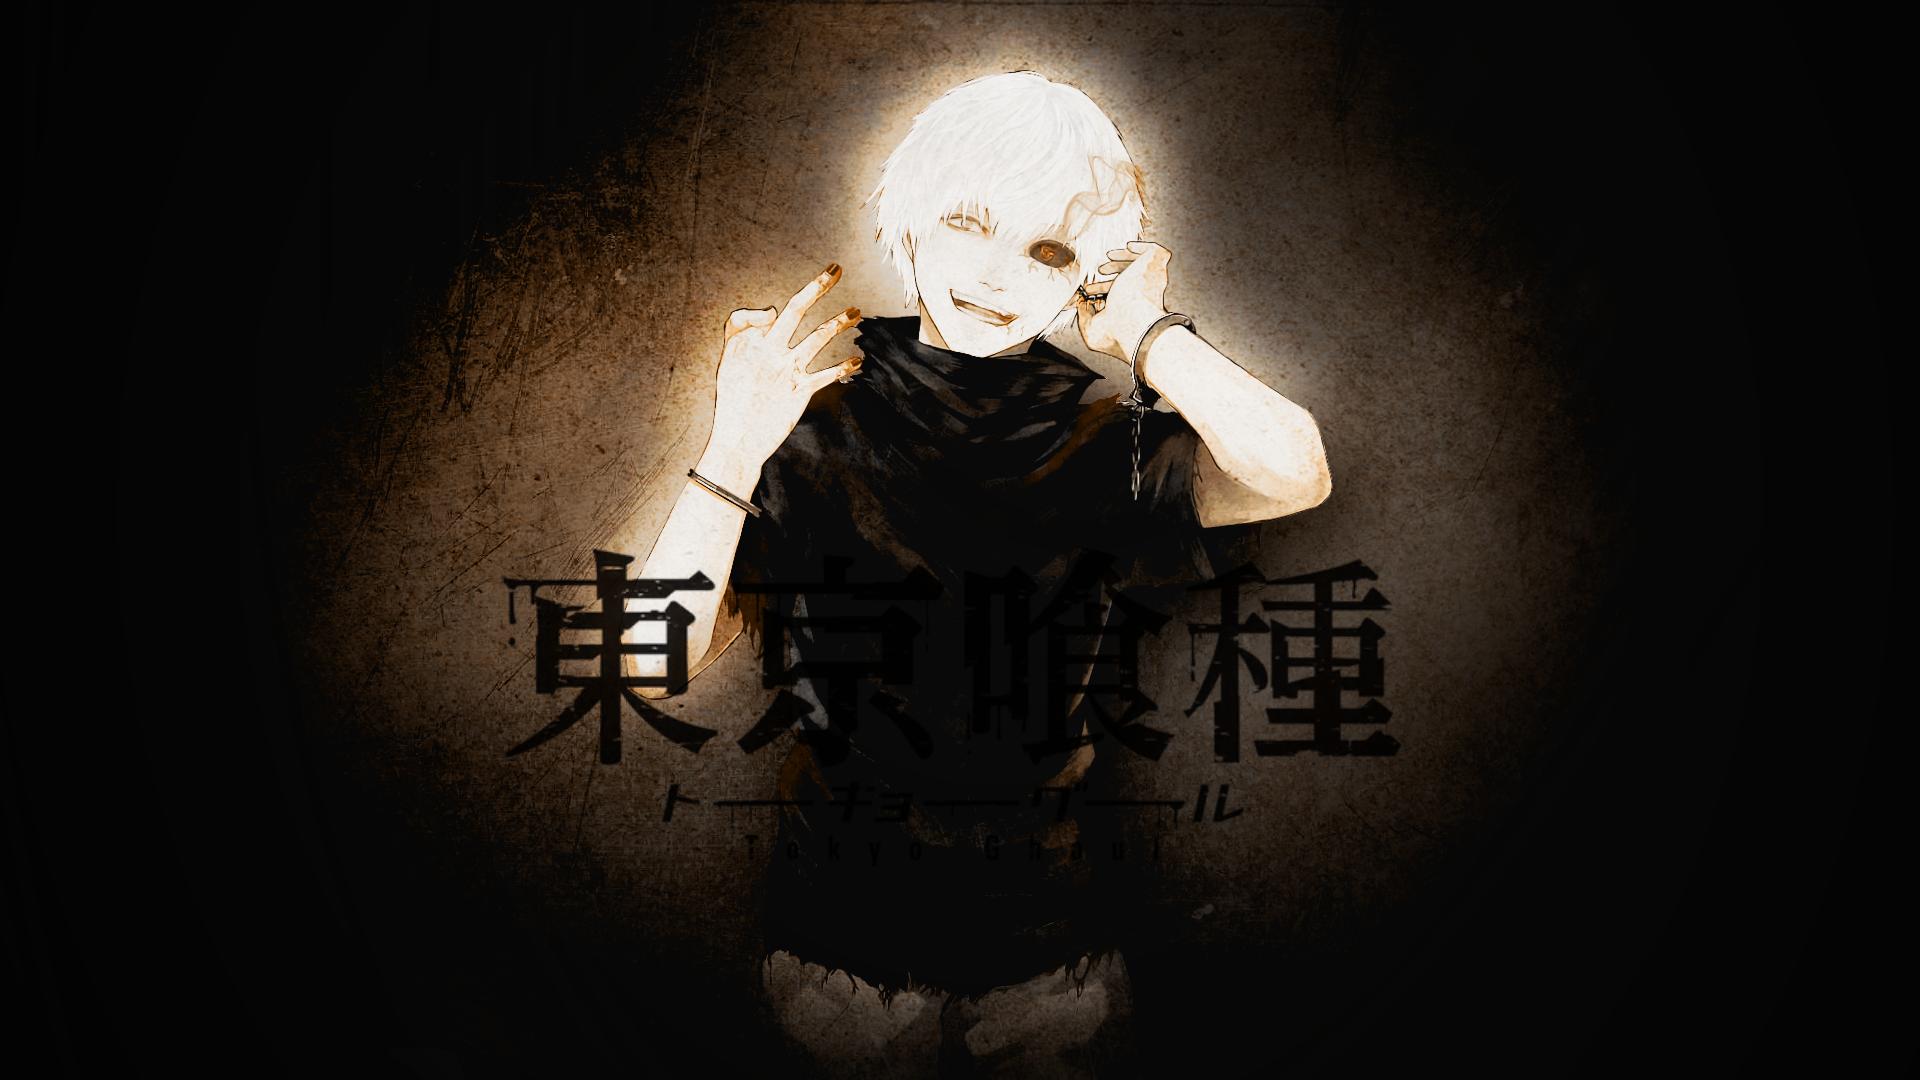 Tokyo Ghoul Ken Kaneki Wallpaper: Tokyo Ghoul Kaneki Ken White Hair Wallpaper By Ramzes100